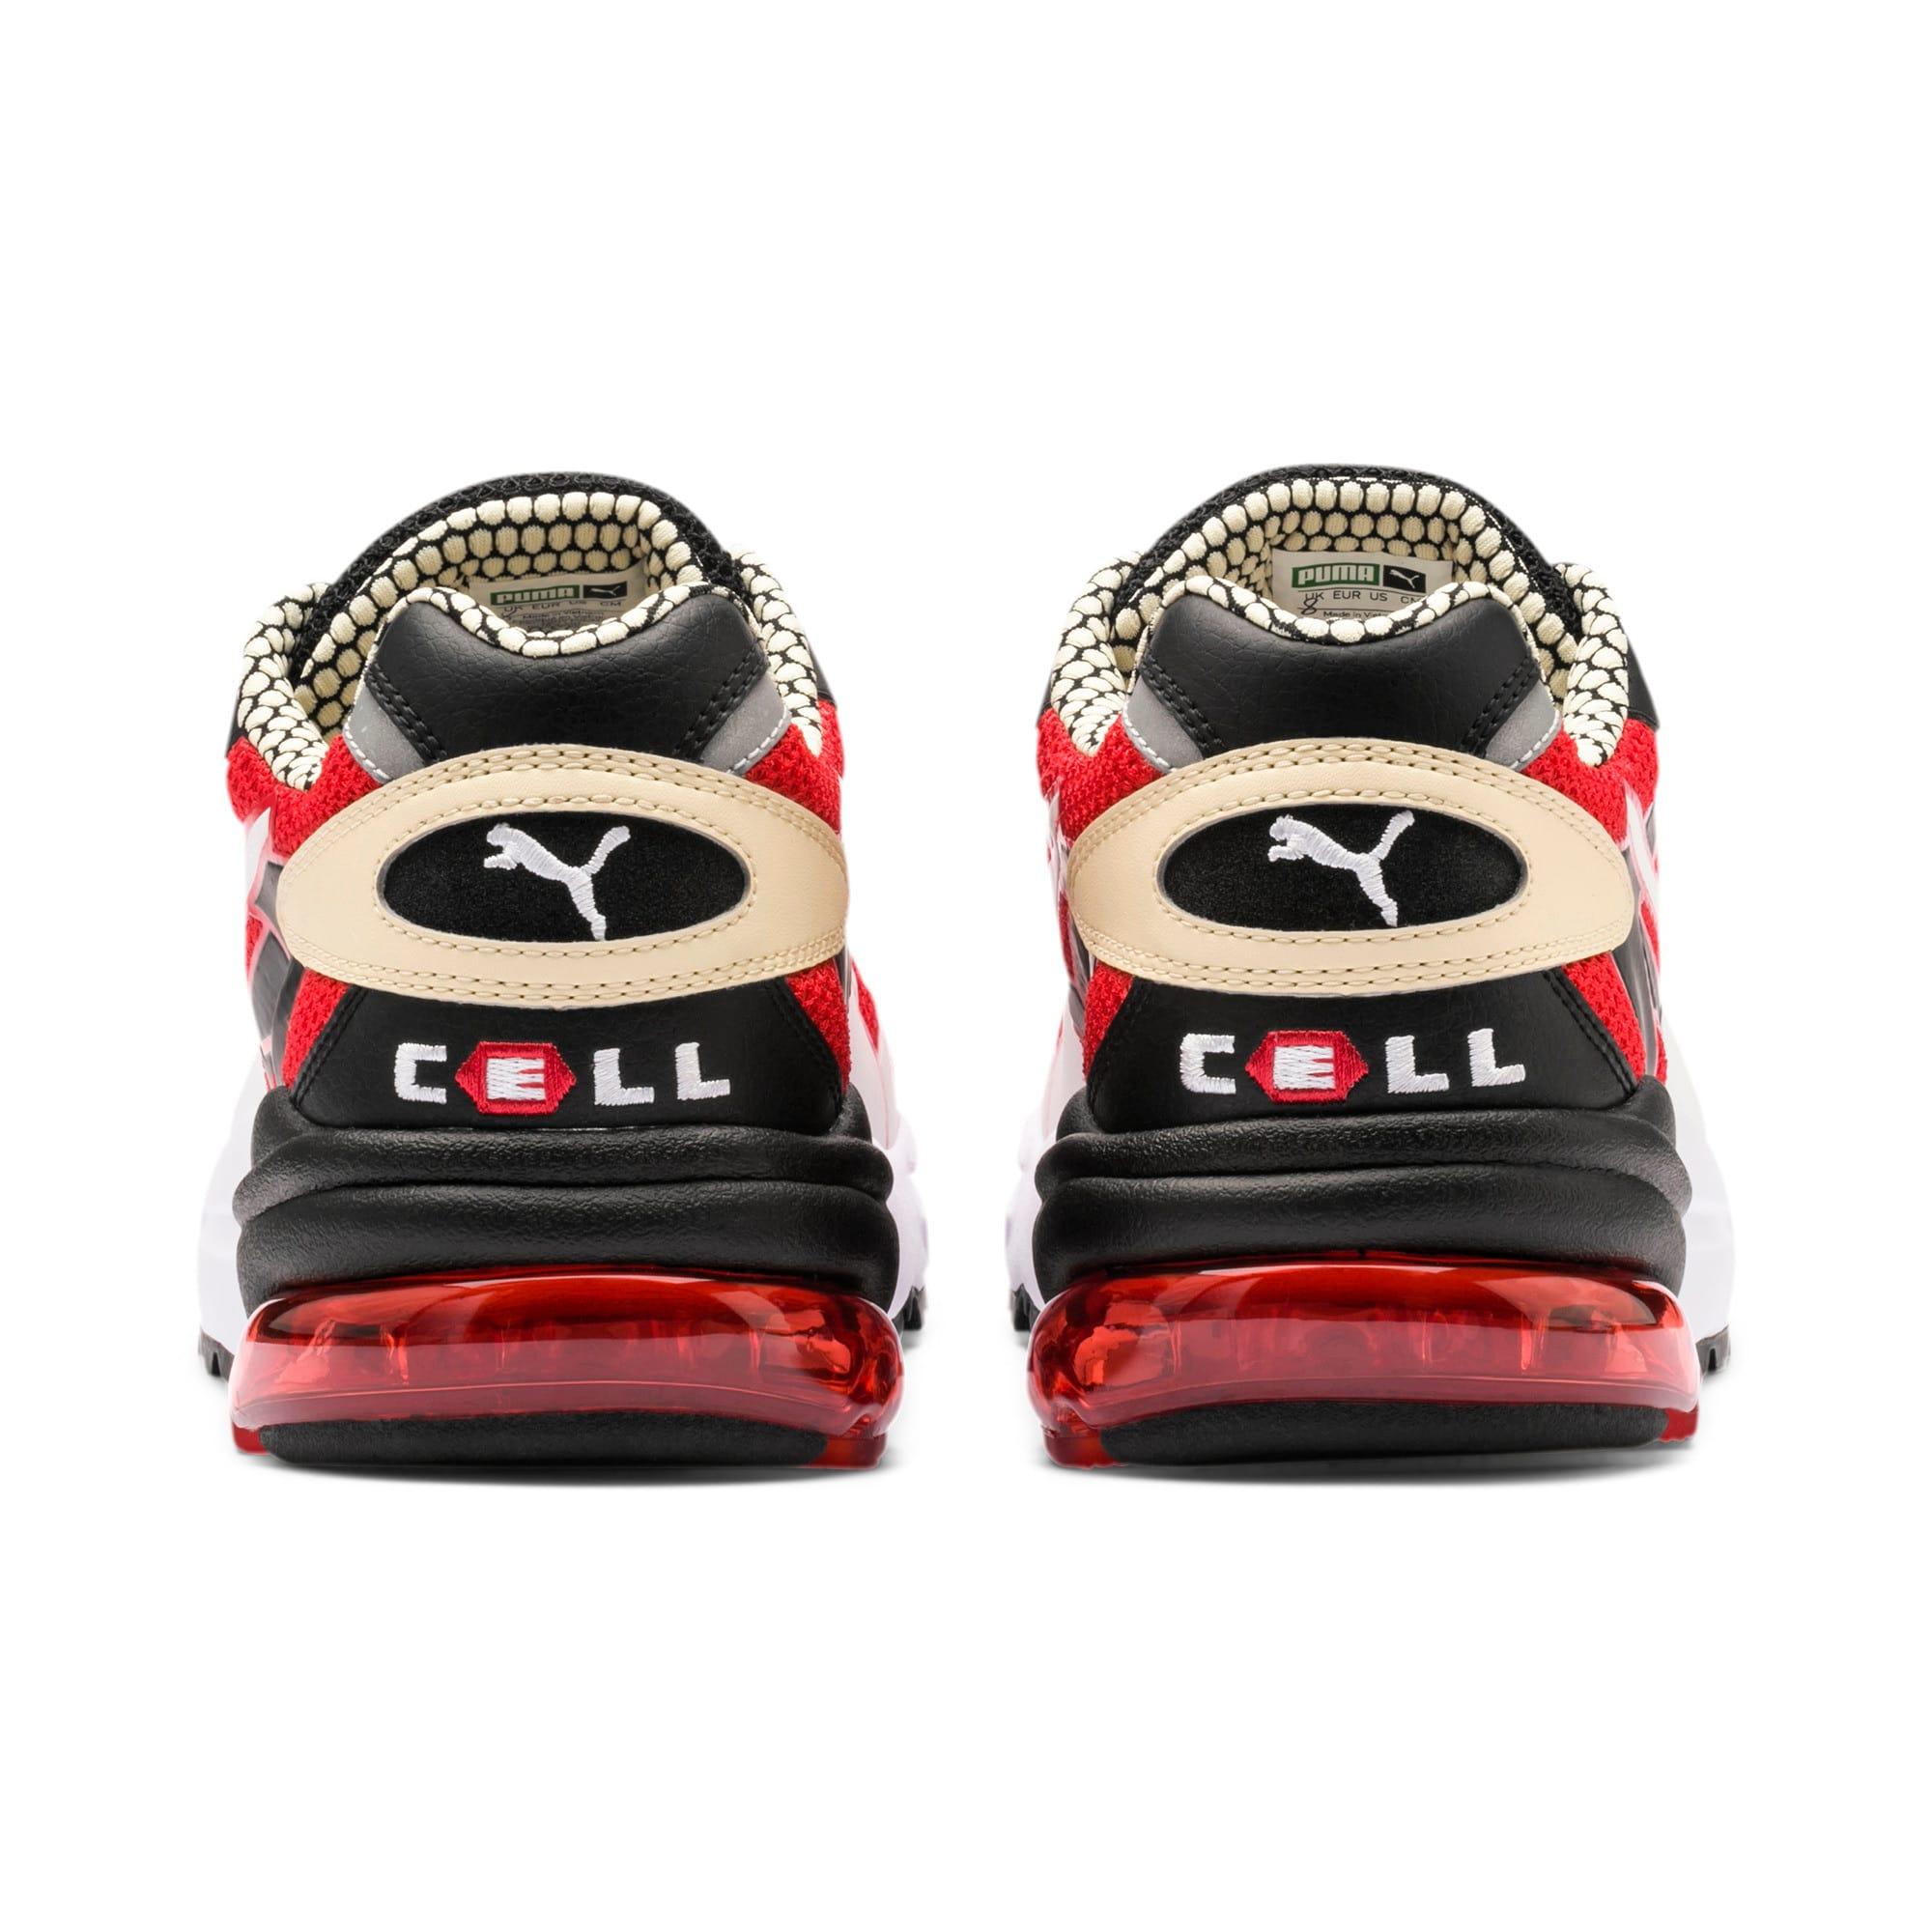 Thumbnail 4 of Basket CELL Alien Kotto, High Risk Red-Puma Black, medium